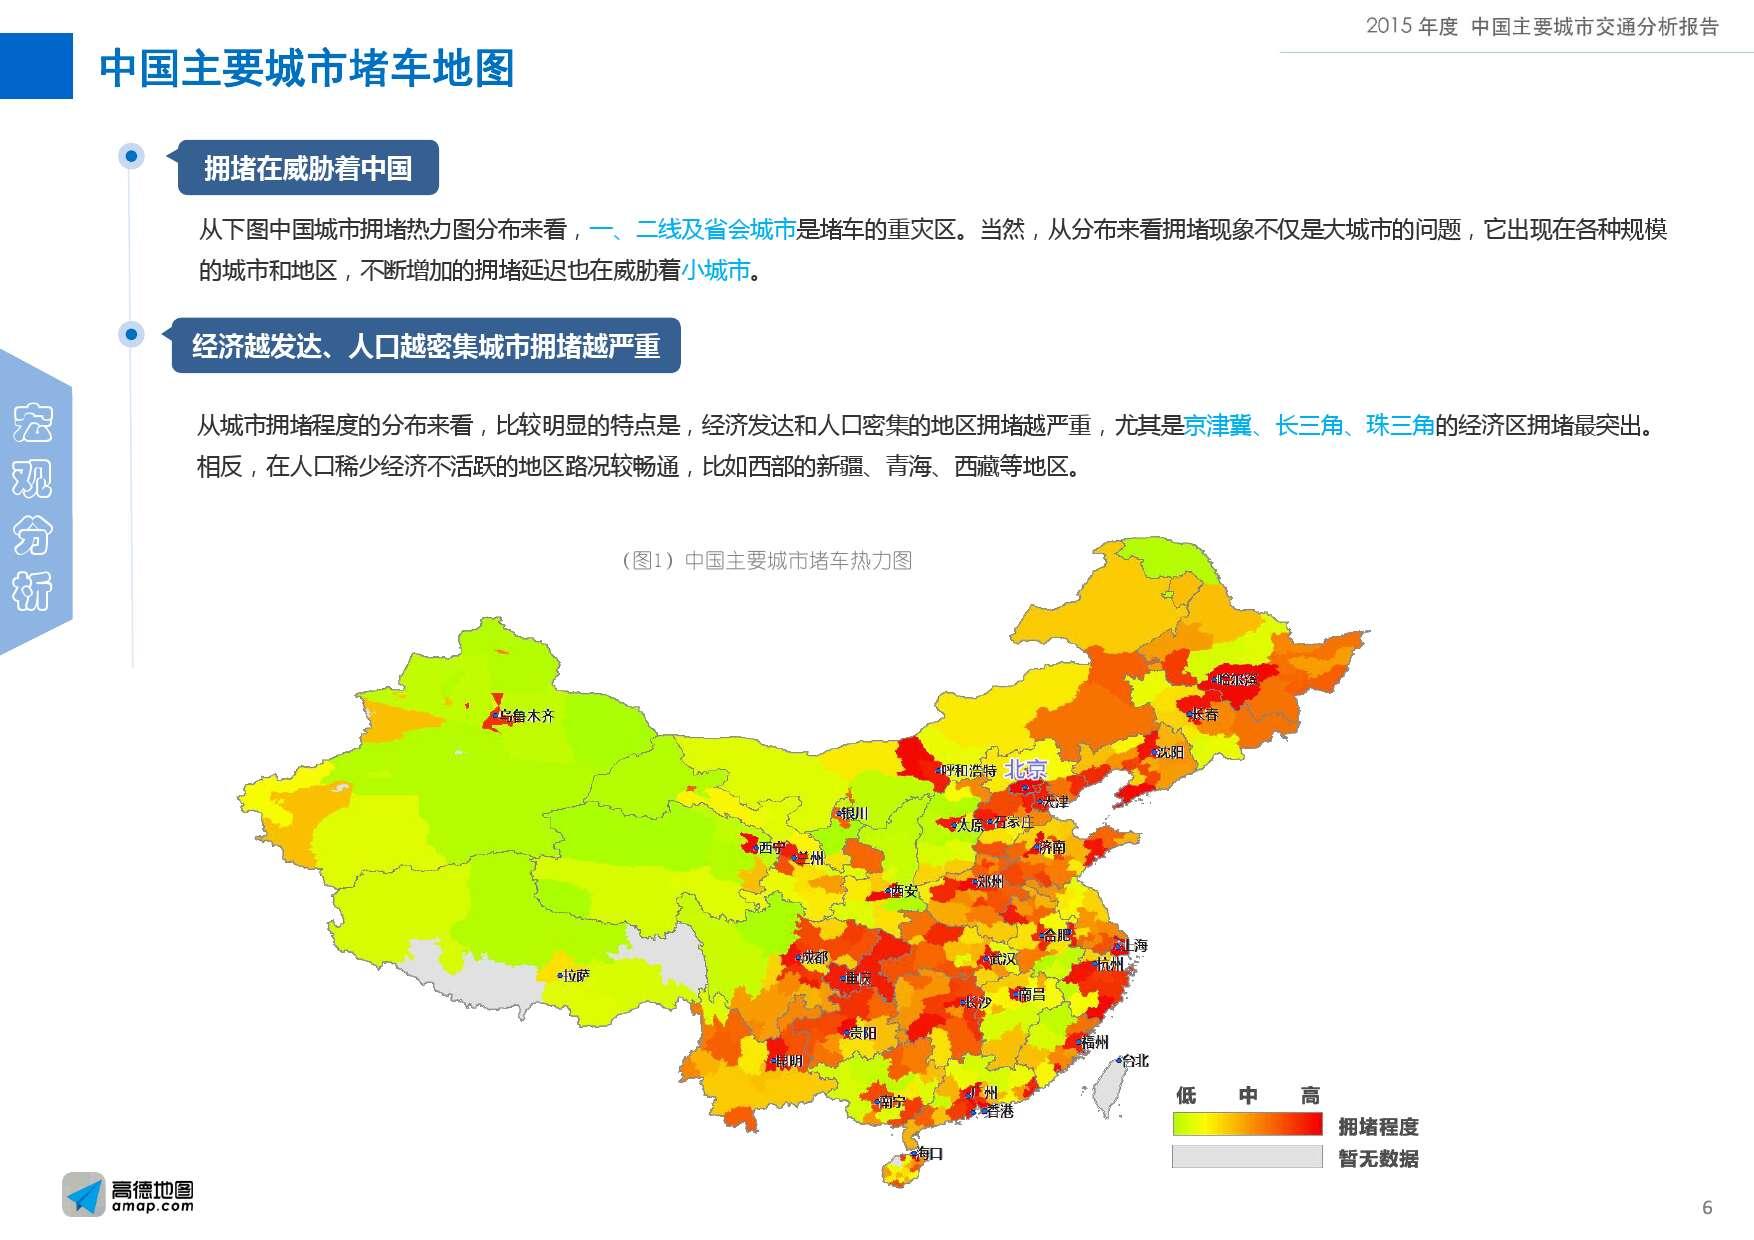 2015年度中国主要城市交通分析报告-final_000006